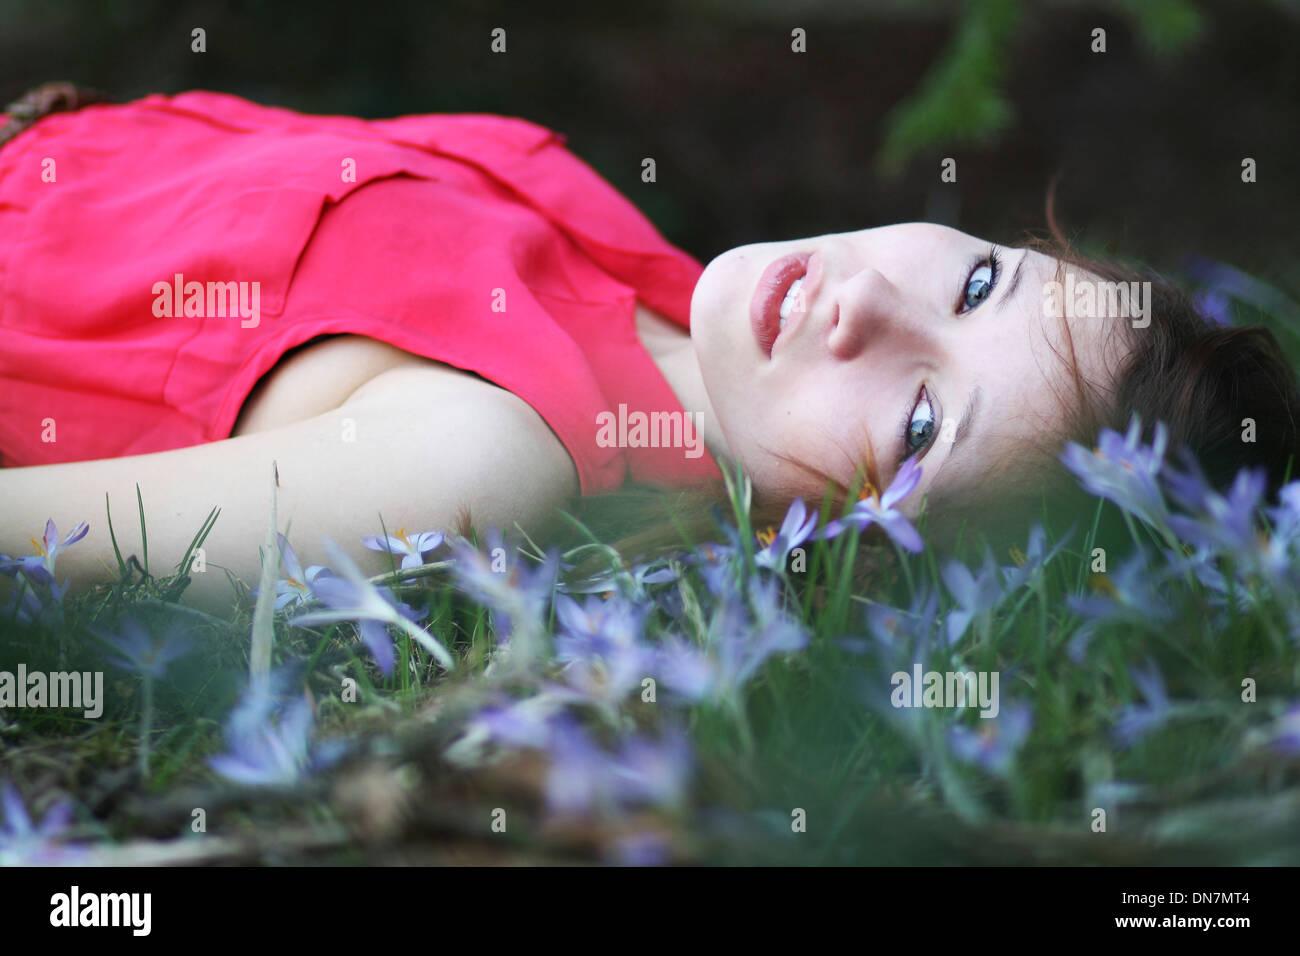 Chica tumbado en un prado florido, Retrato Imagen De Stock